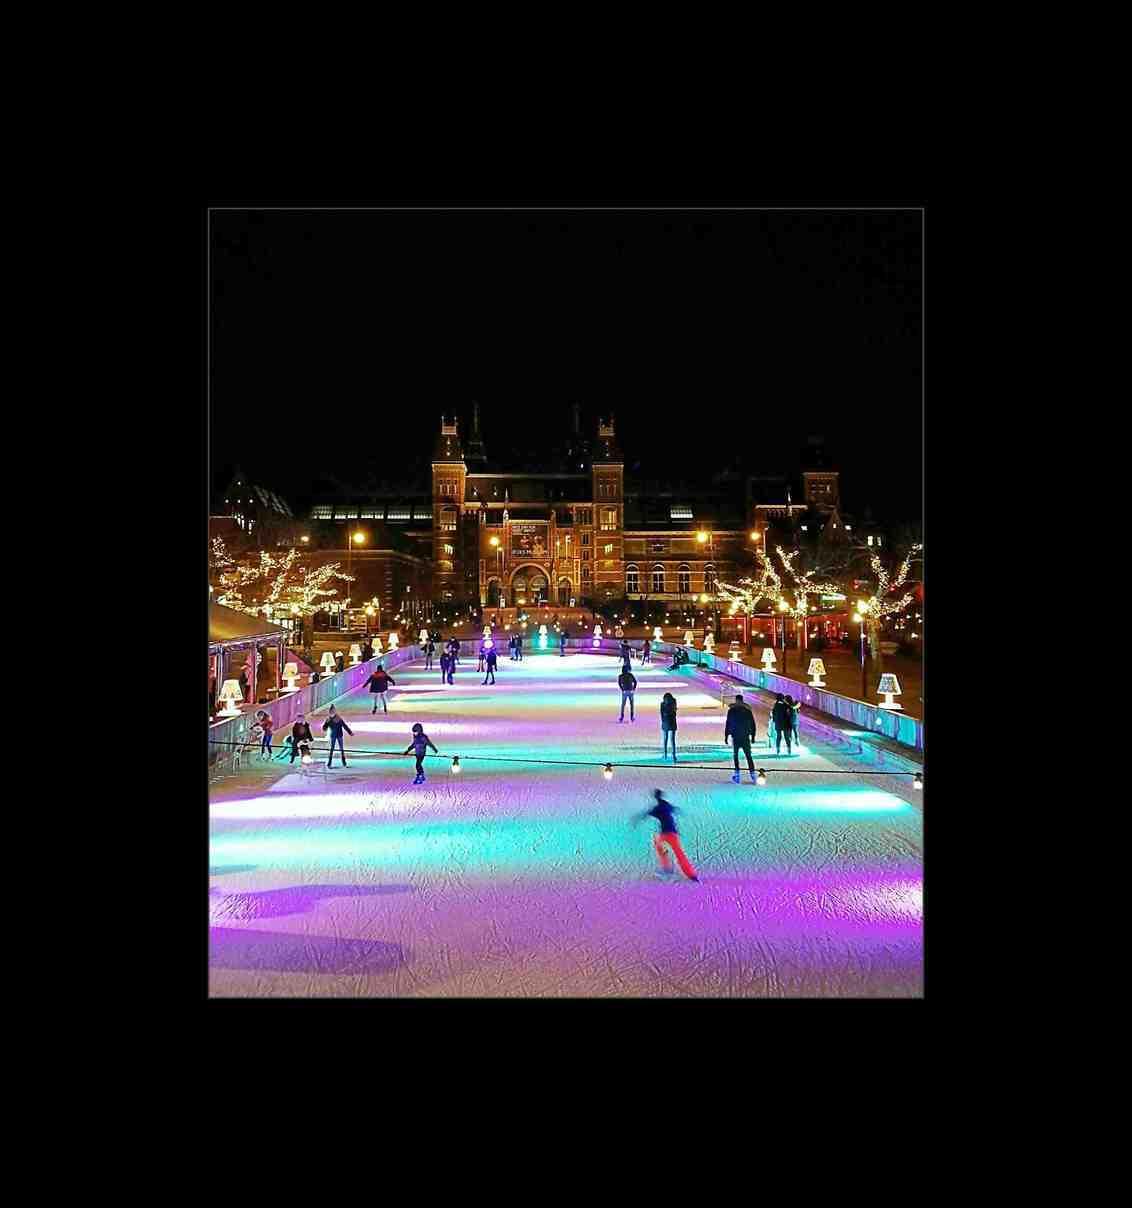 Voorbij is de winter.. - Amsterdam _ Museumplein.  Vanaf het bruggetje een mooi uitzicht op het Rijksmuseum en de schaatsliefhebbers.    Allen veel dank voor de mooie wa - foto door 1103 op 17-02-2020 - deze foto bevat: mensen, water, stad, ijsbaan, straatfotografie, reisfotografie